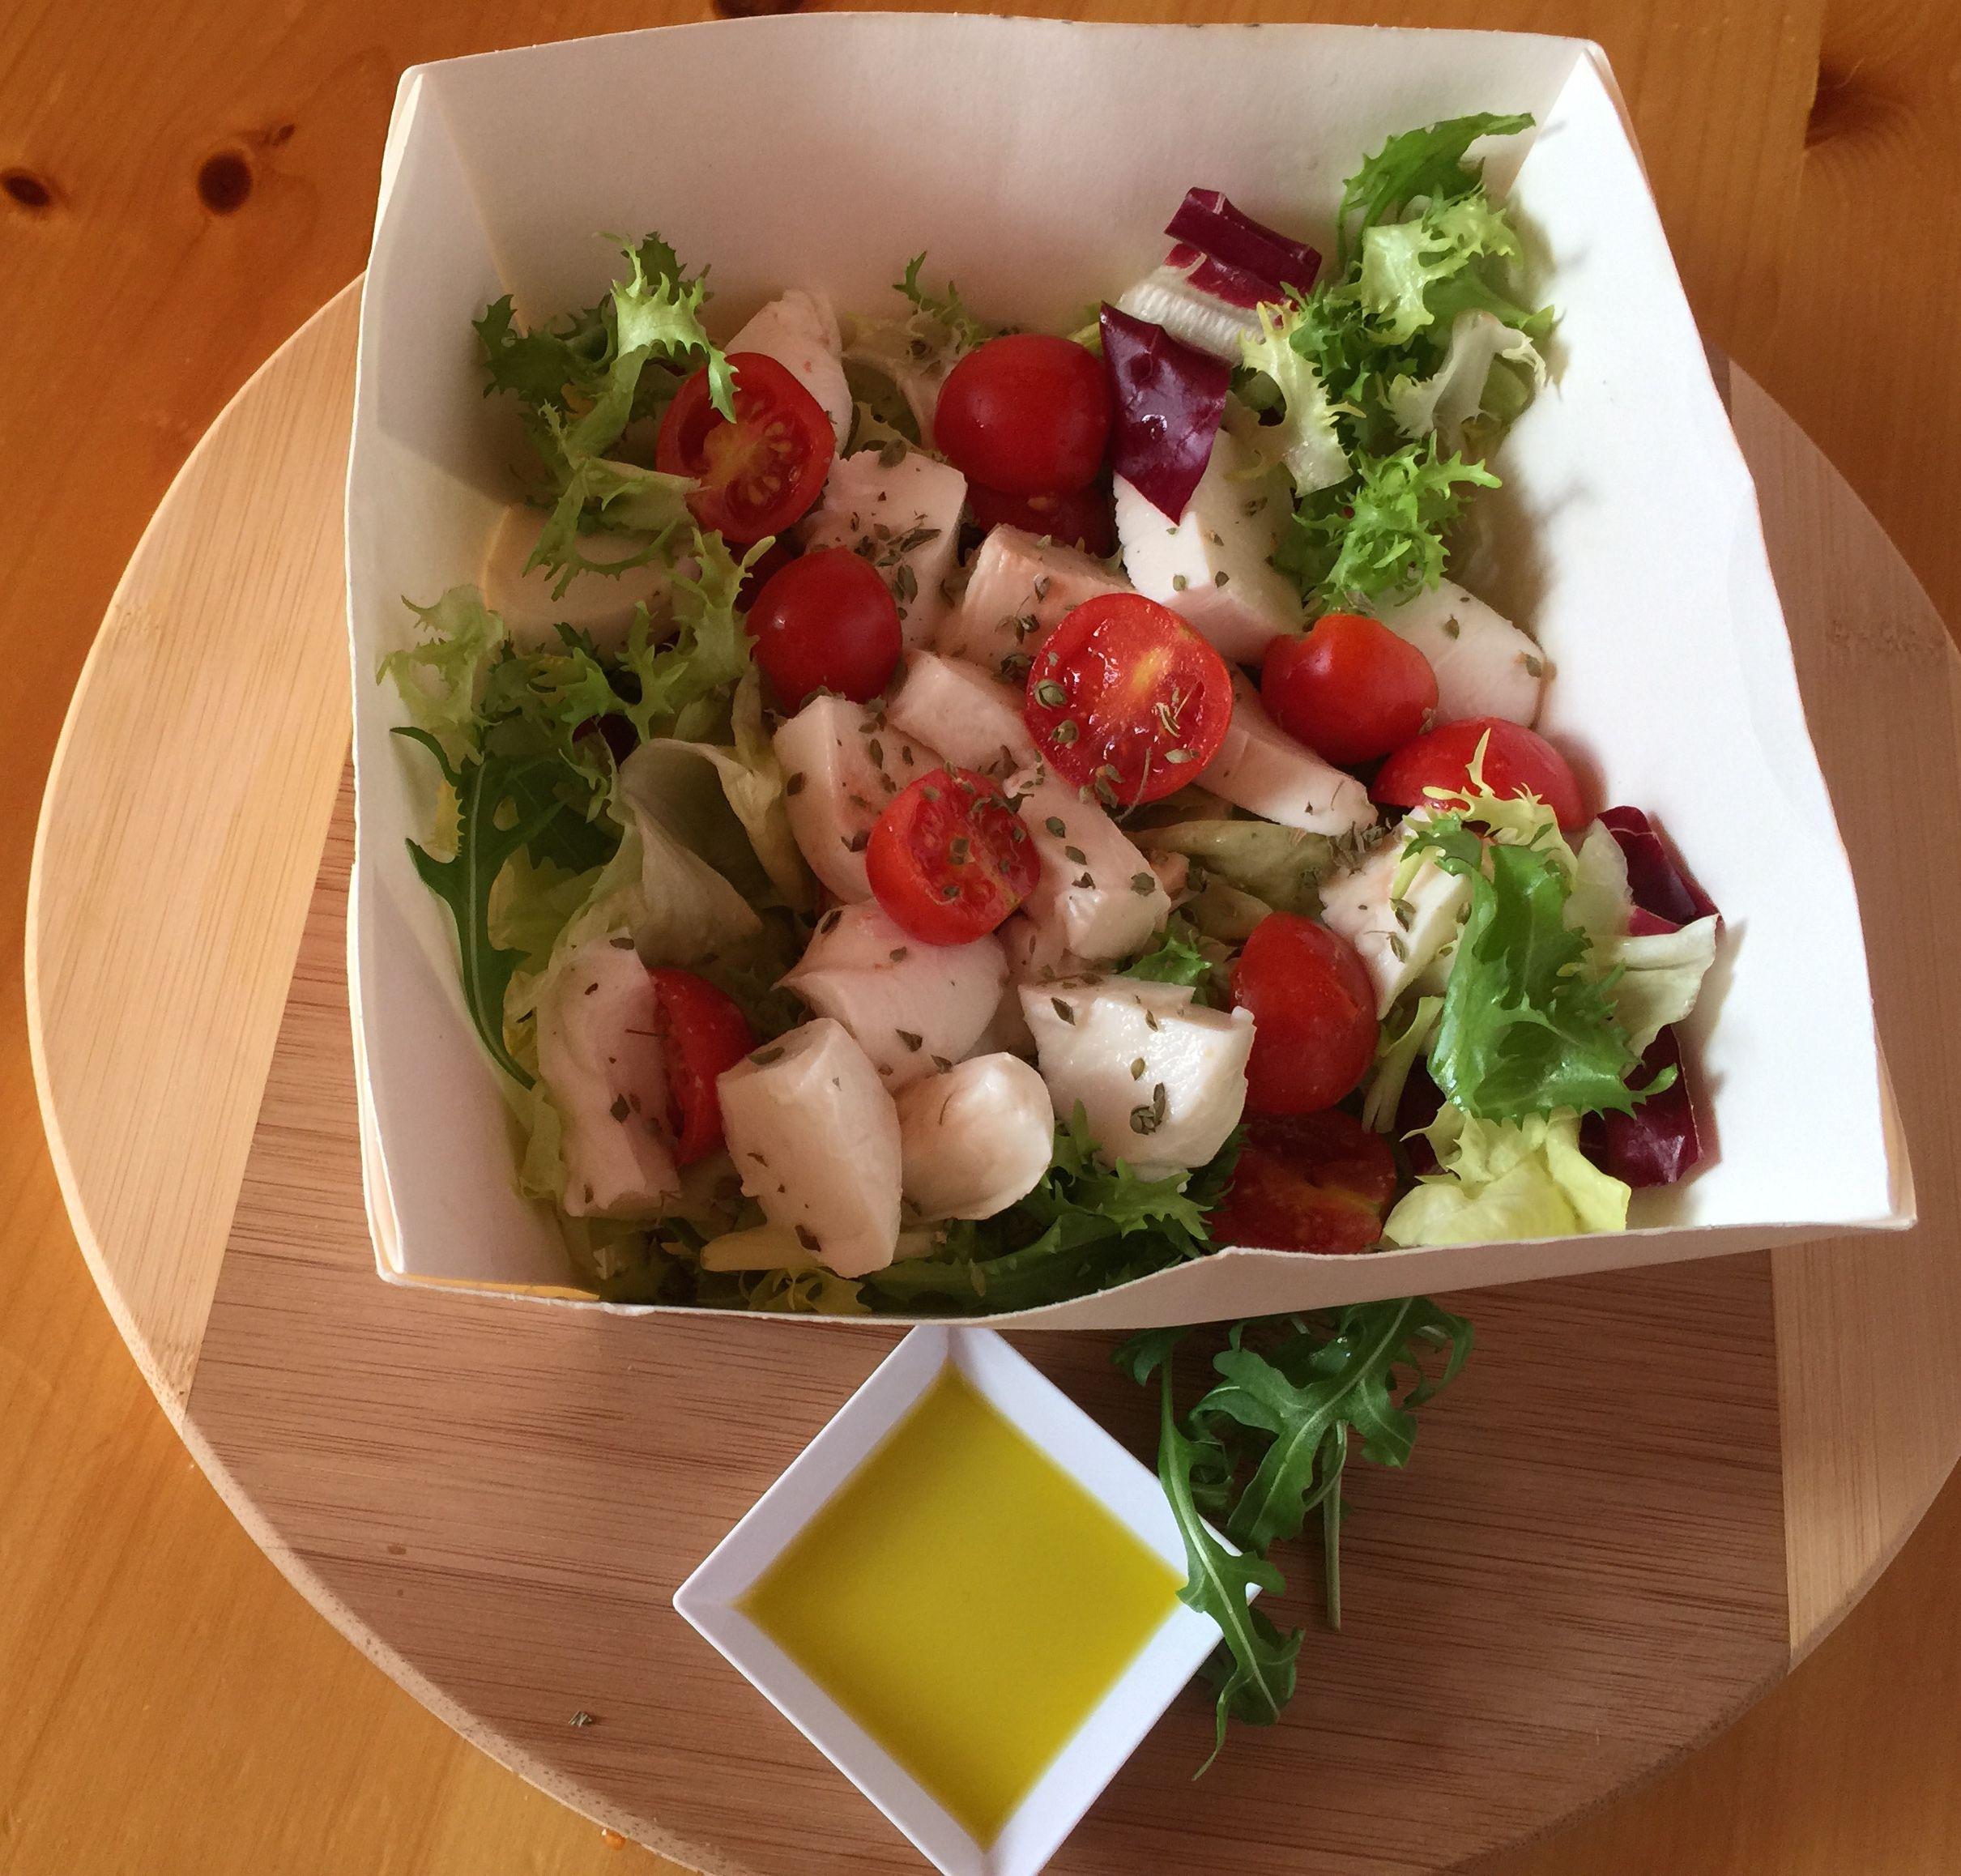 Insalata n. 41 Agatha   insalata mista, mozzarelline, mais, olive verdi, pomodori pachino, origano